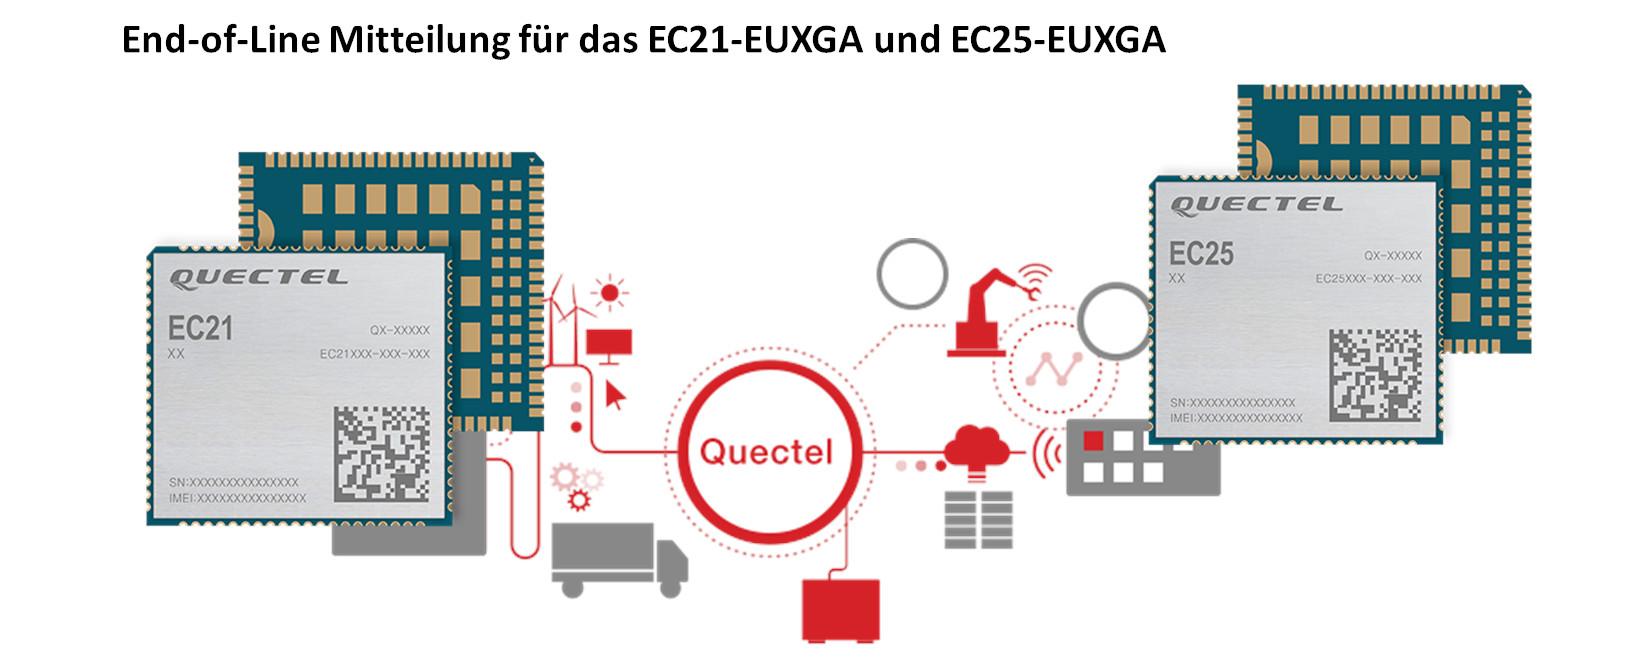 End-of-Line Mitteilung für das EC21-EUXGA und EC25-EUXGA